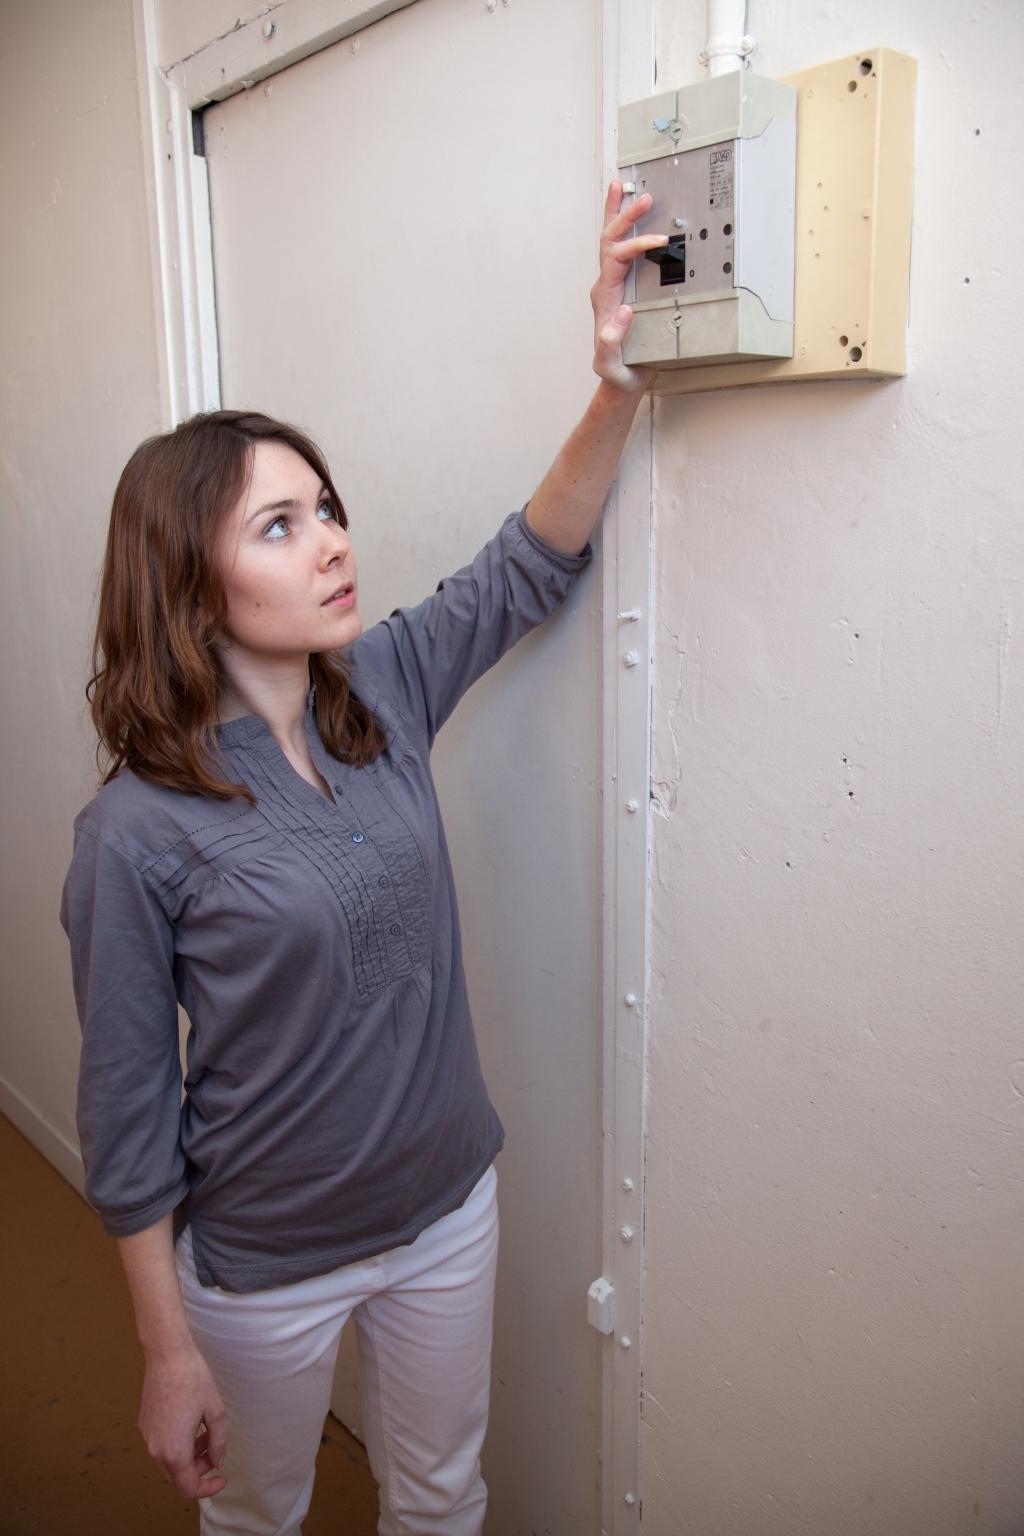 Installer un interrupteur encastré - Étape 2